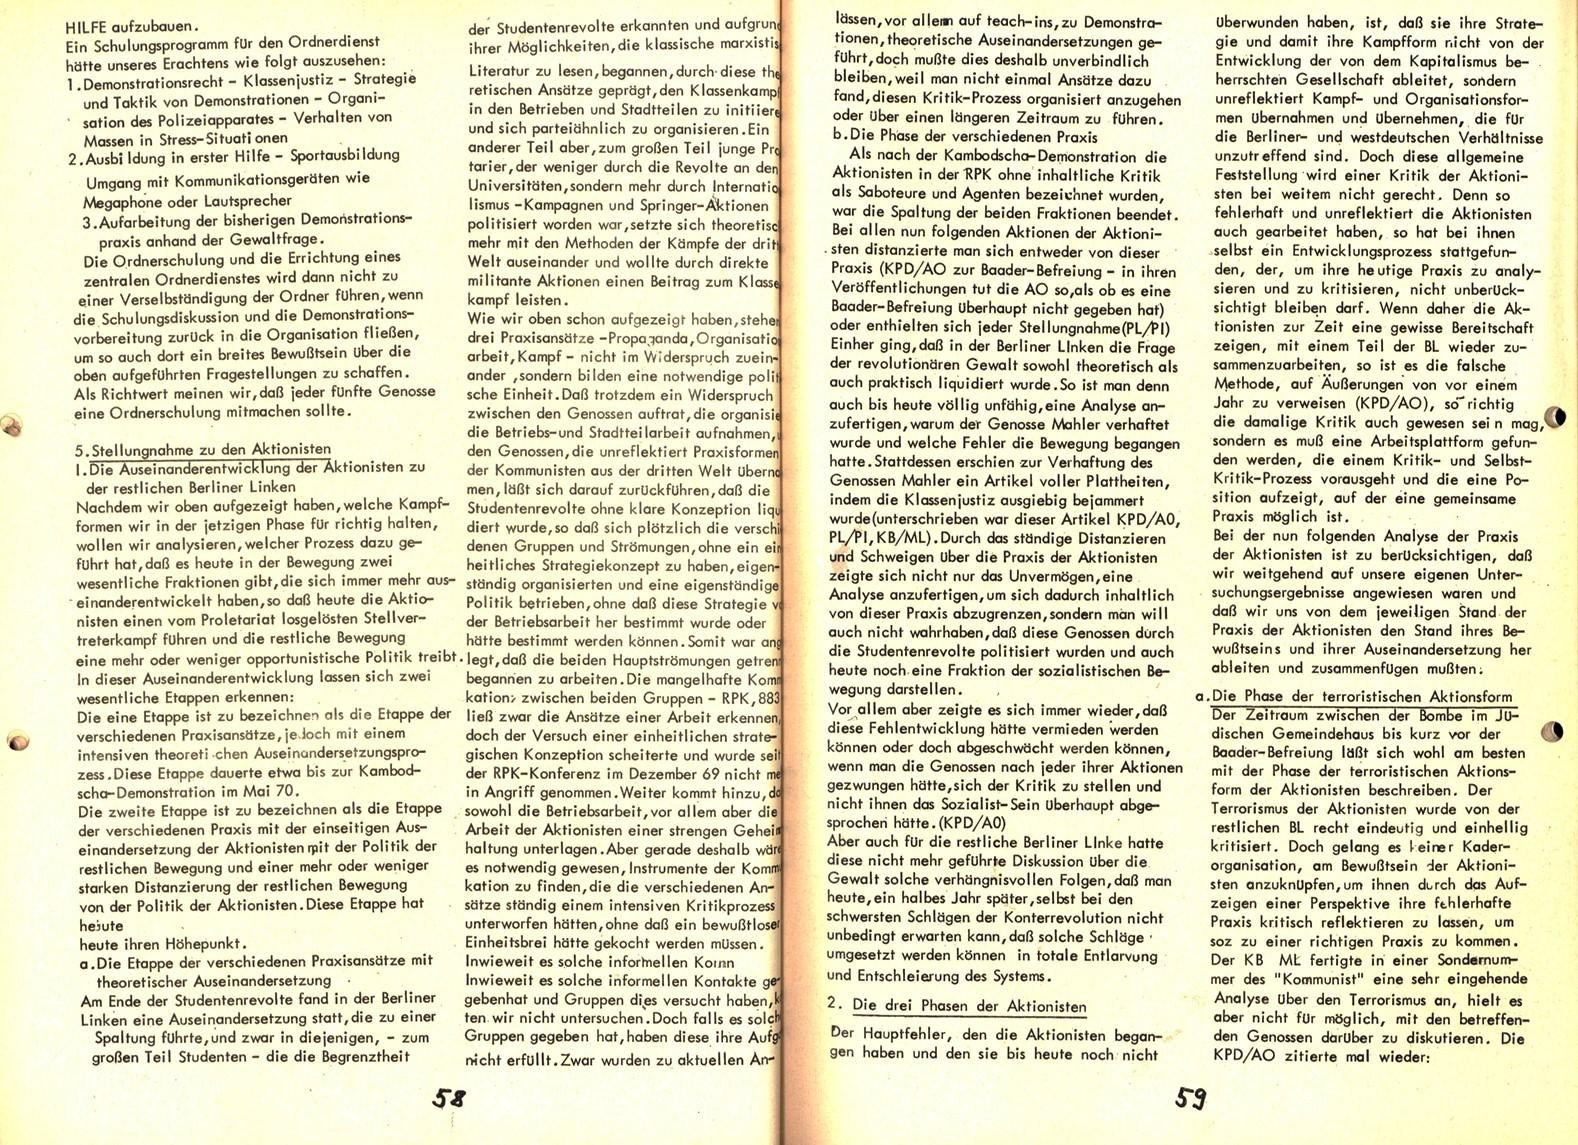 Berlin_Rotzing_1971_Kampfbericht_30